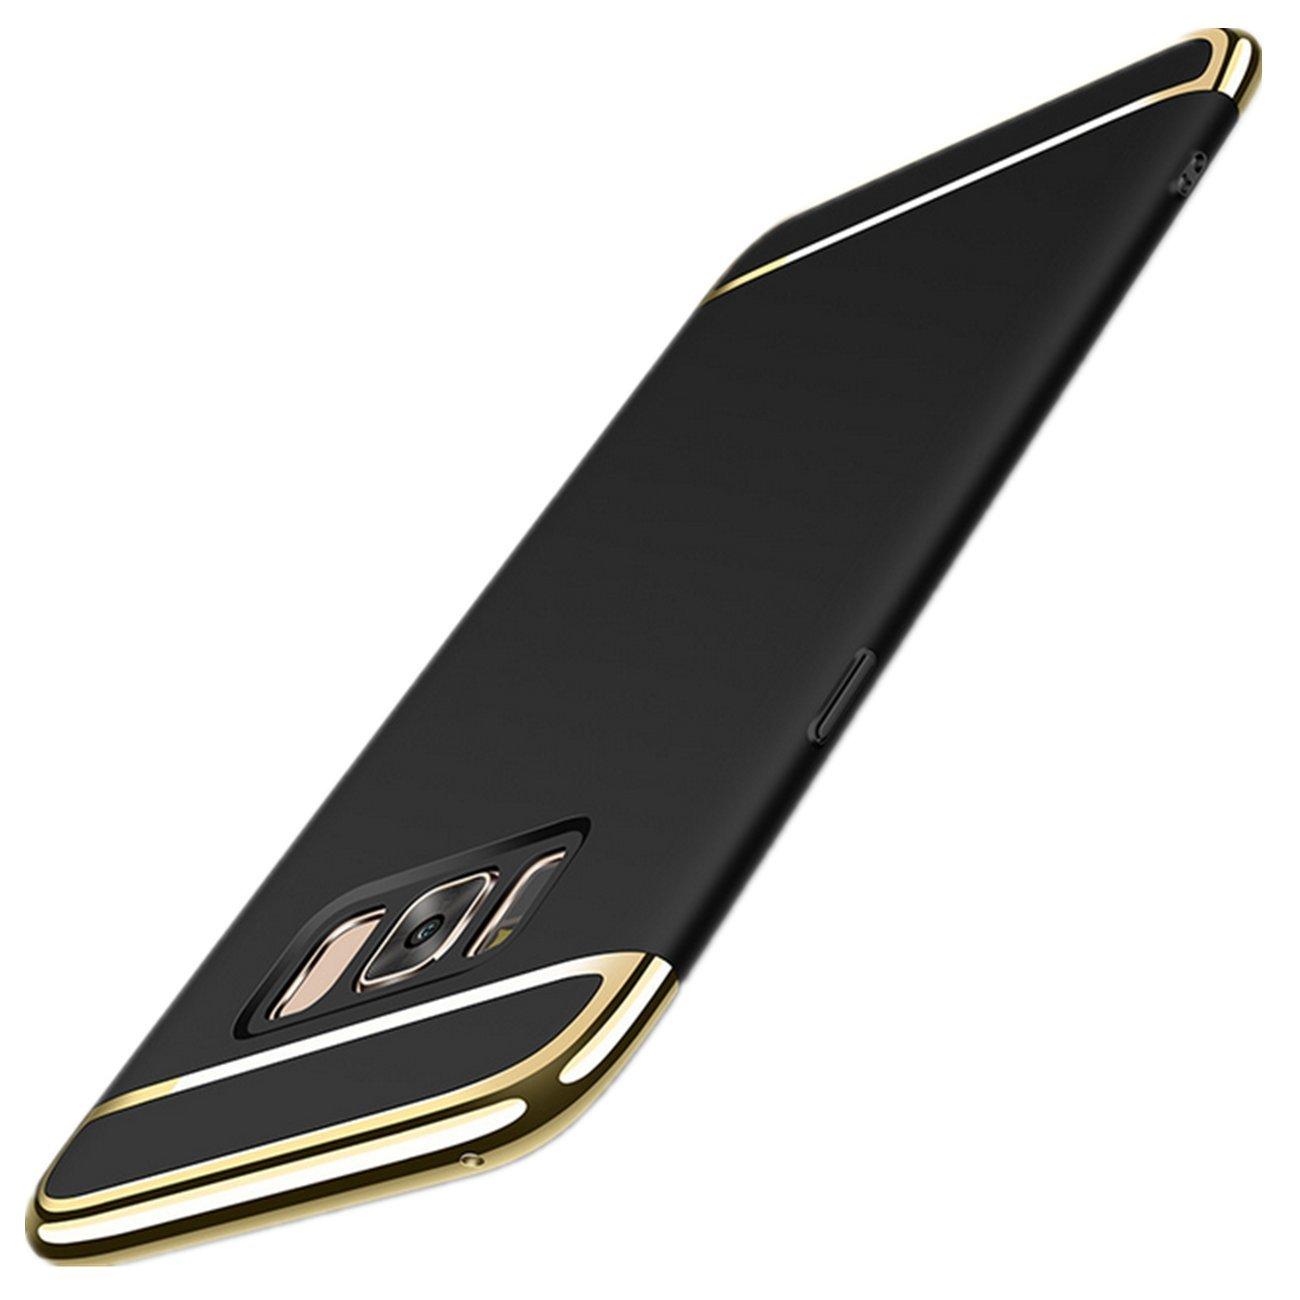 Samsung Galaxy S8/S8Plus Custodia, caler® di alta qualità antiurto duro PC Ultra Slim abziehbar Custodia protettiva antigraffio Bumper Case Cover Rigida per Galaxy S8/S8Plus